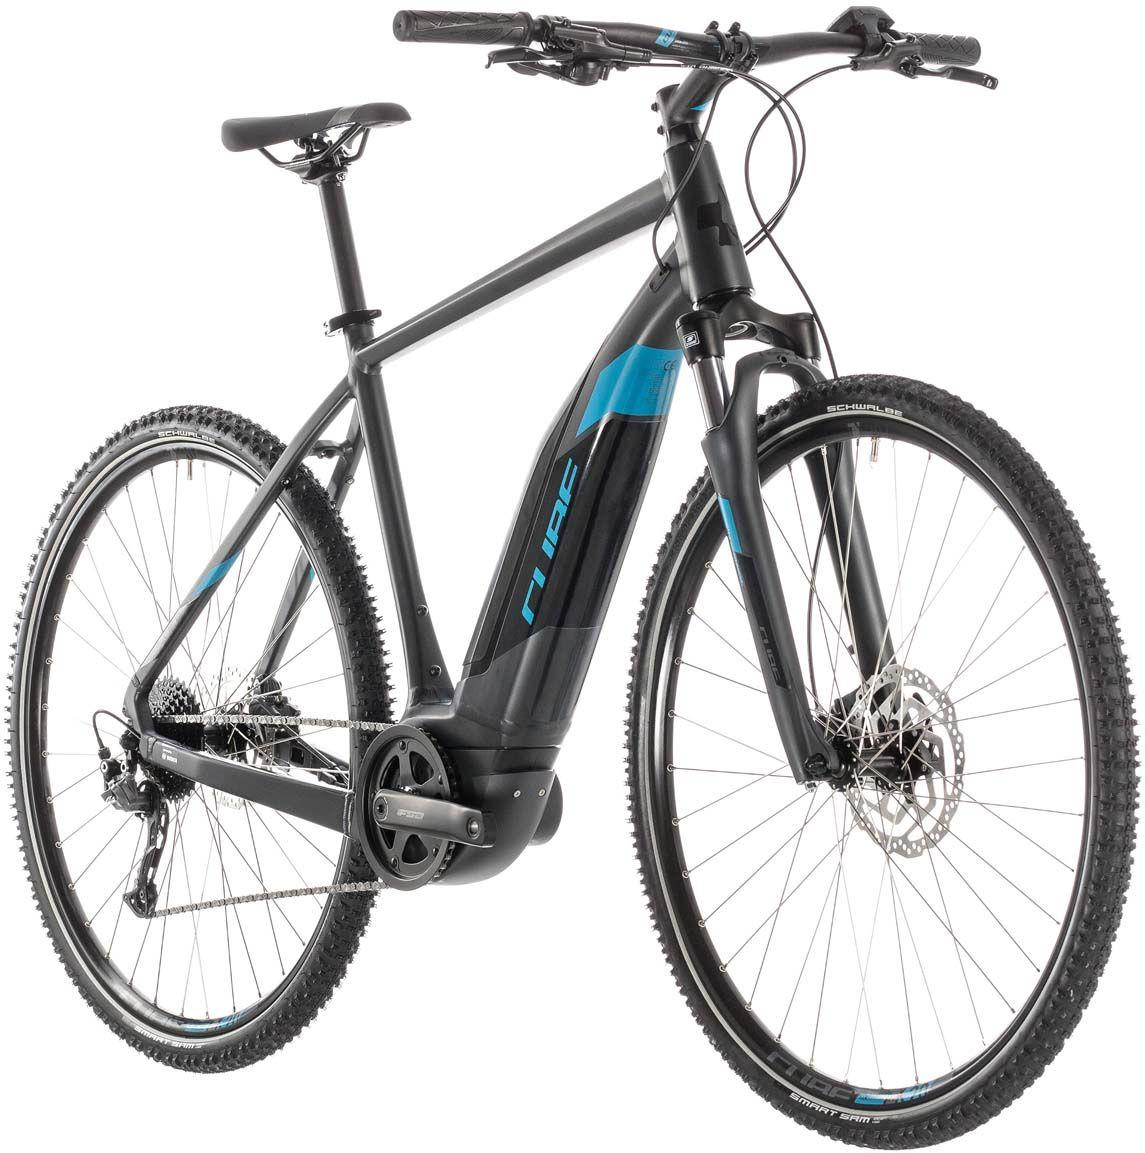 Im Cube Cross Hybrid One 500 Steckt Die Gesamte Erfahrung Des Cube Teams In Der Entwicklung Von E Bikes Auch W E Bike Motor Abus Fahrradschloss Fahrradschloss